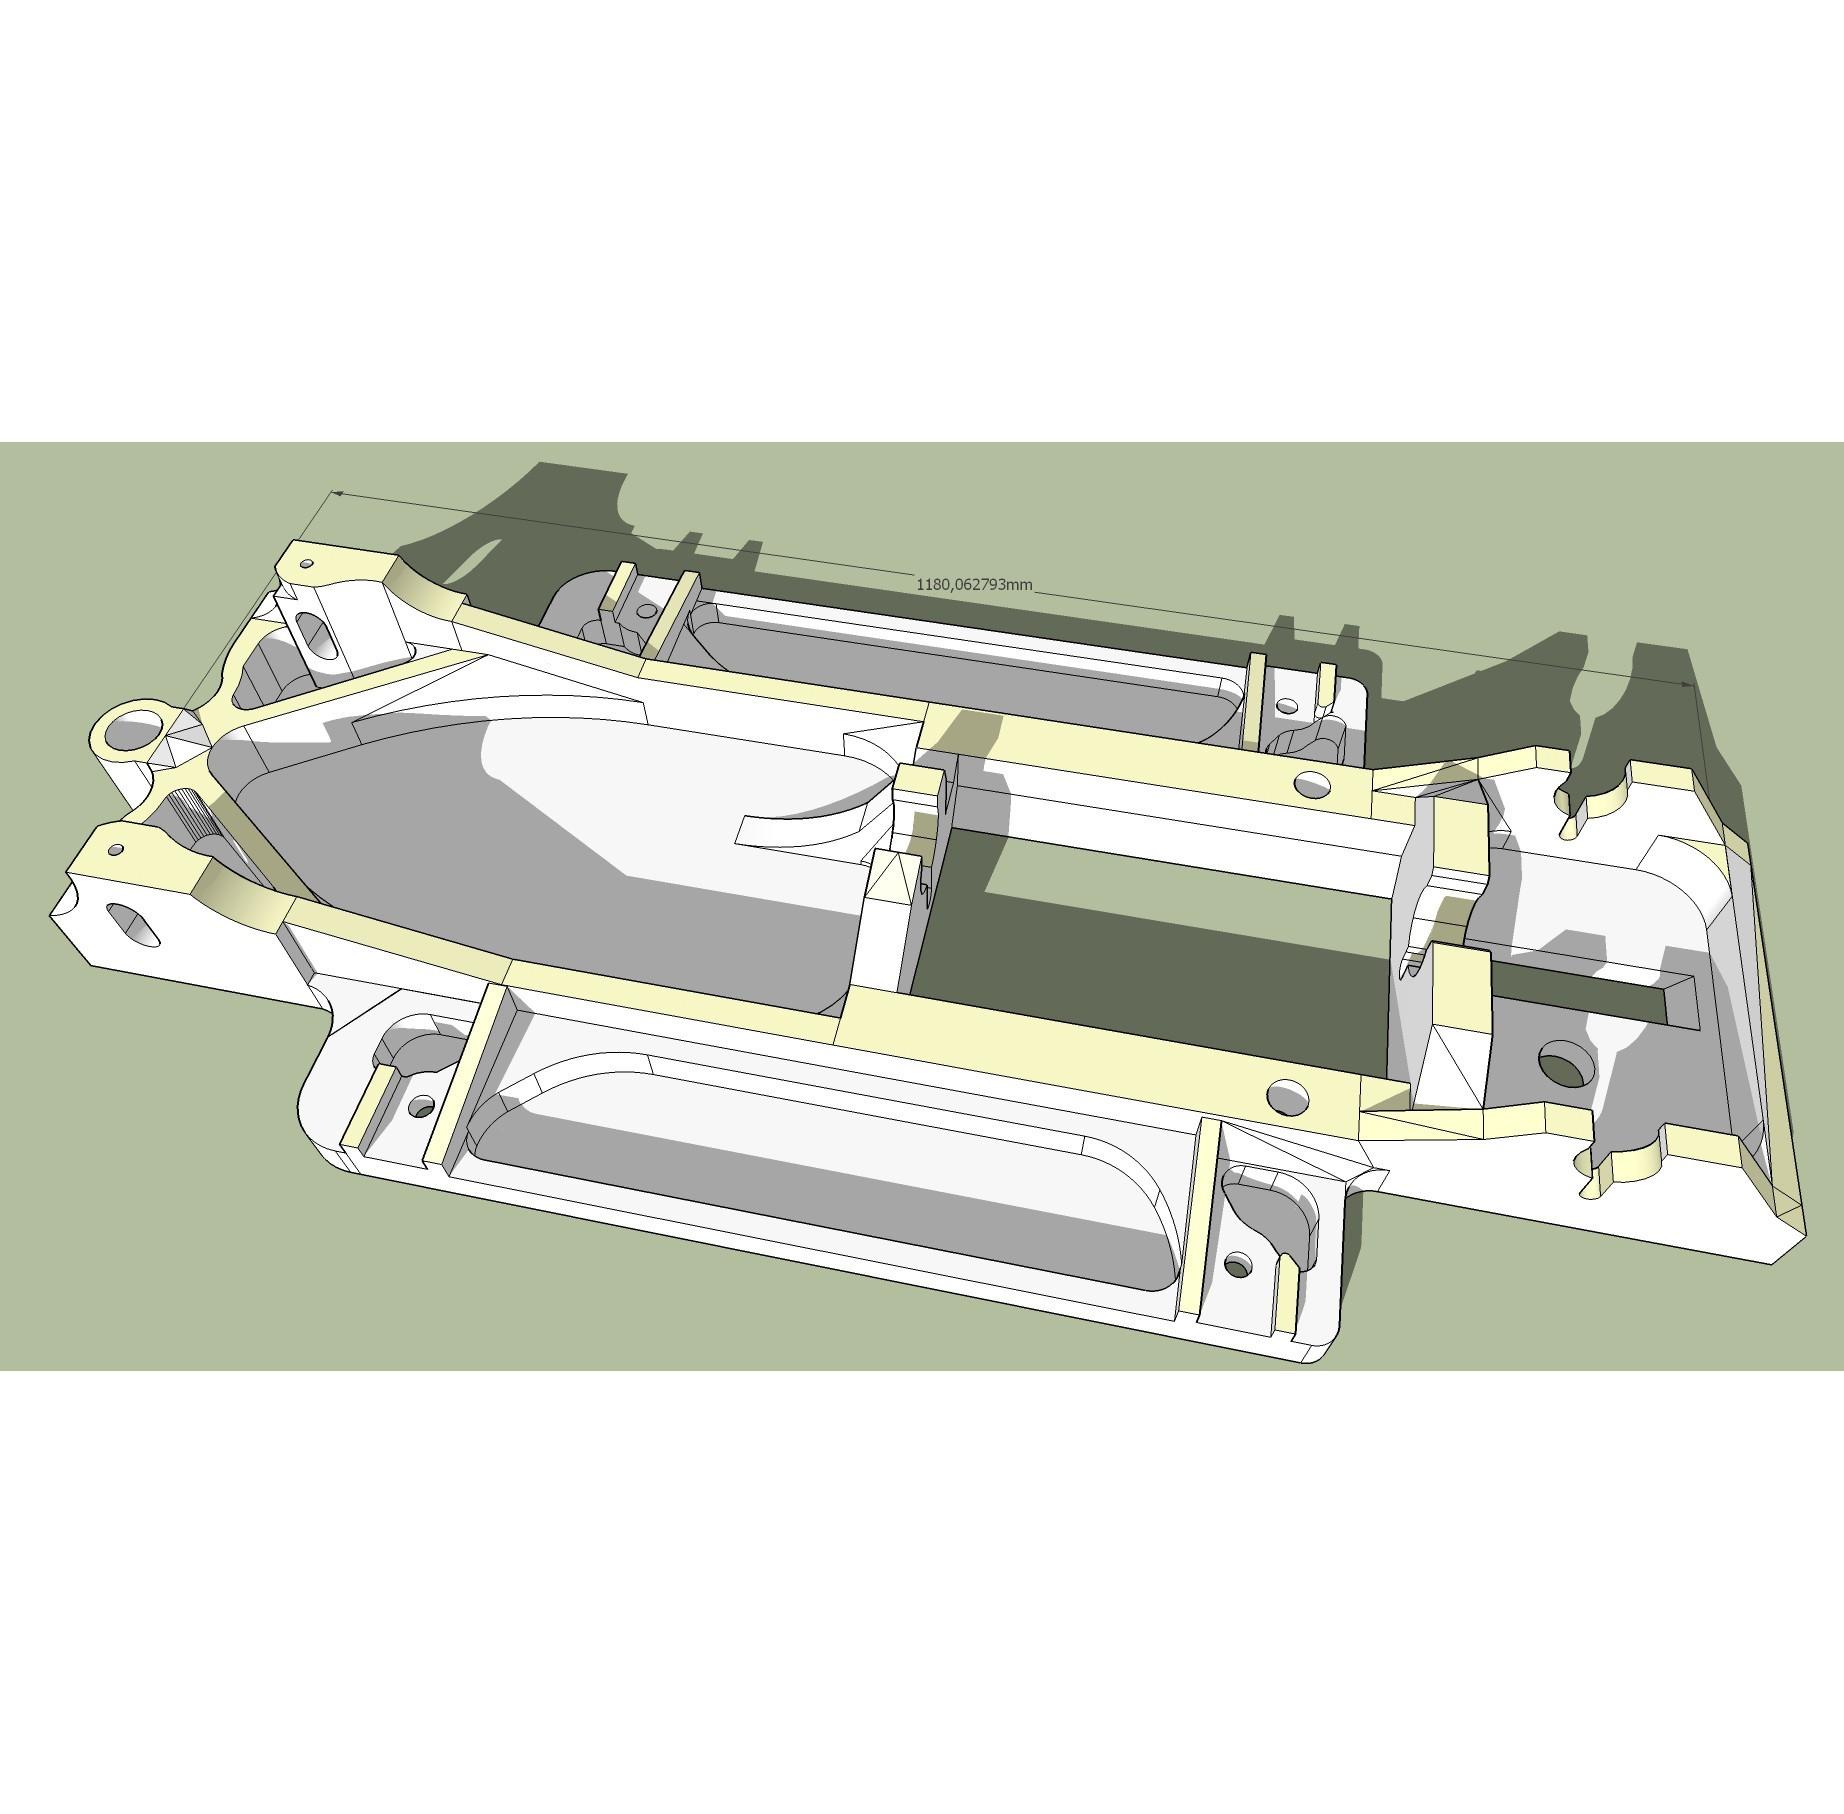 chassis_118mm_93empversion presentation.jpg Download free OBJ file Base for JAGUAR MK VII - slot car 1:32 • 3D printer model, SlotED